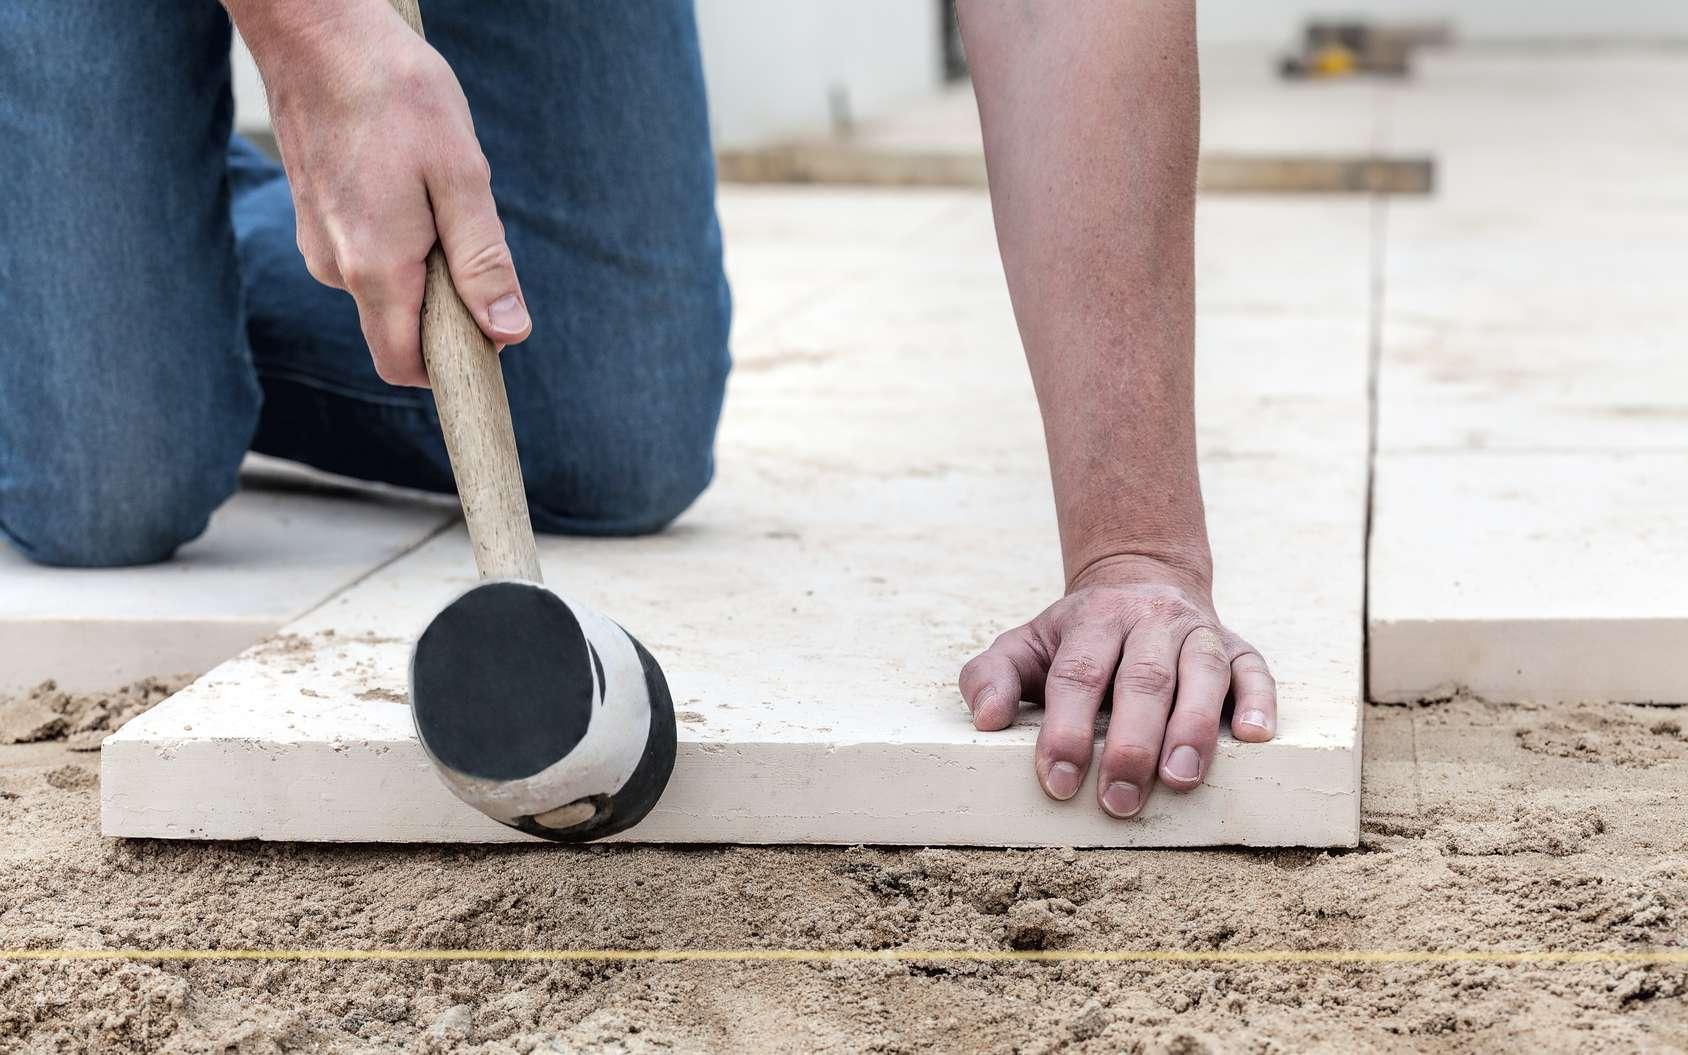 Comment Fabriquer Une Terrasse En Beton comment creuser les fondations d'une terrasse ?